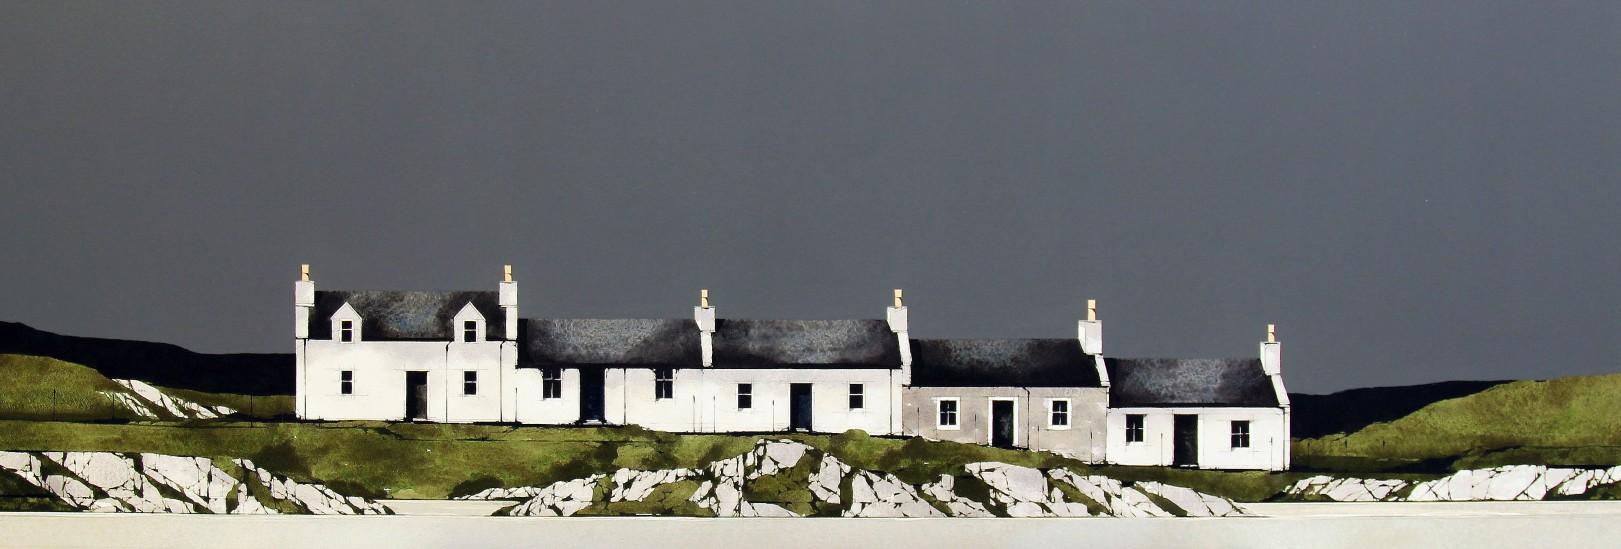 Ron Lawson_Port Ellen, Islay_Watercolour & Gouache_EAS566_13x38.5_VI